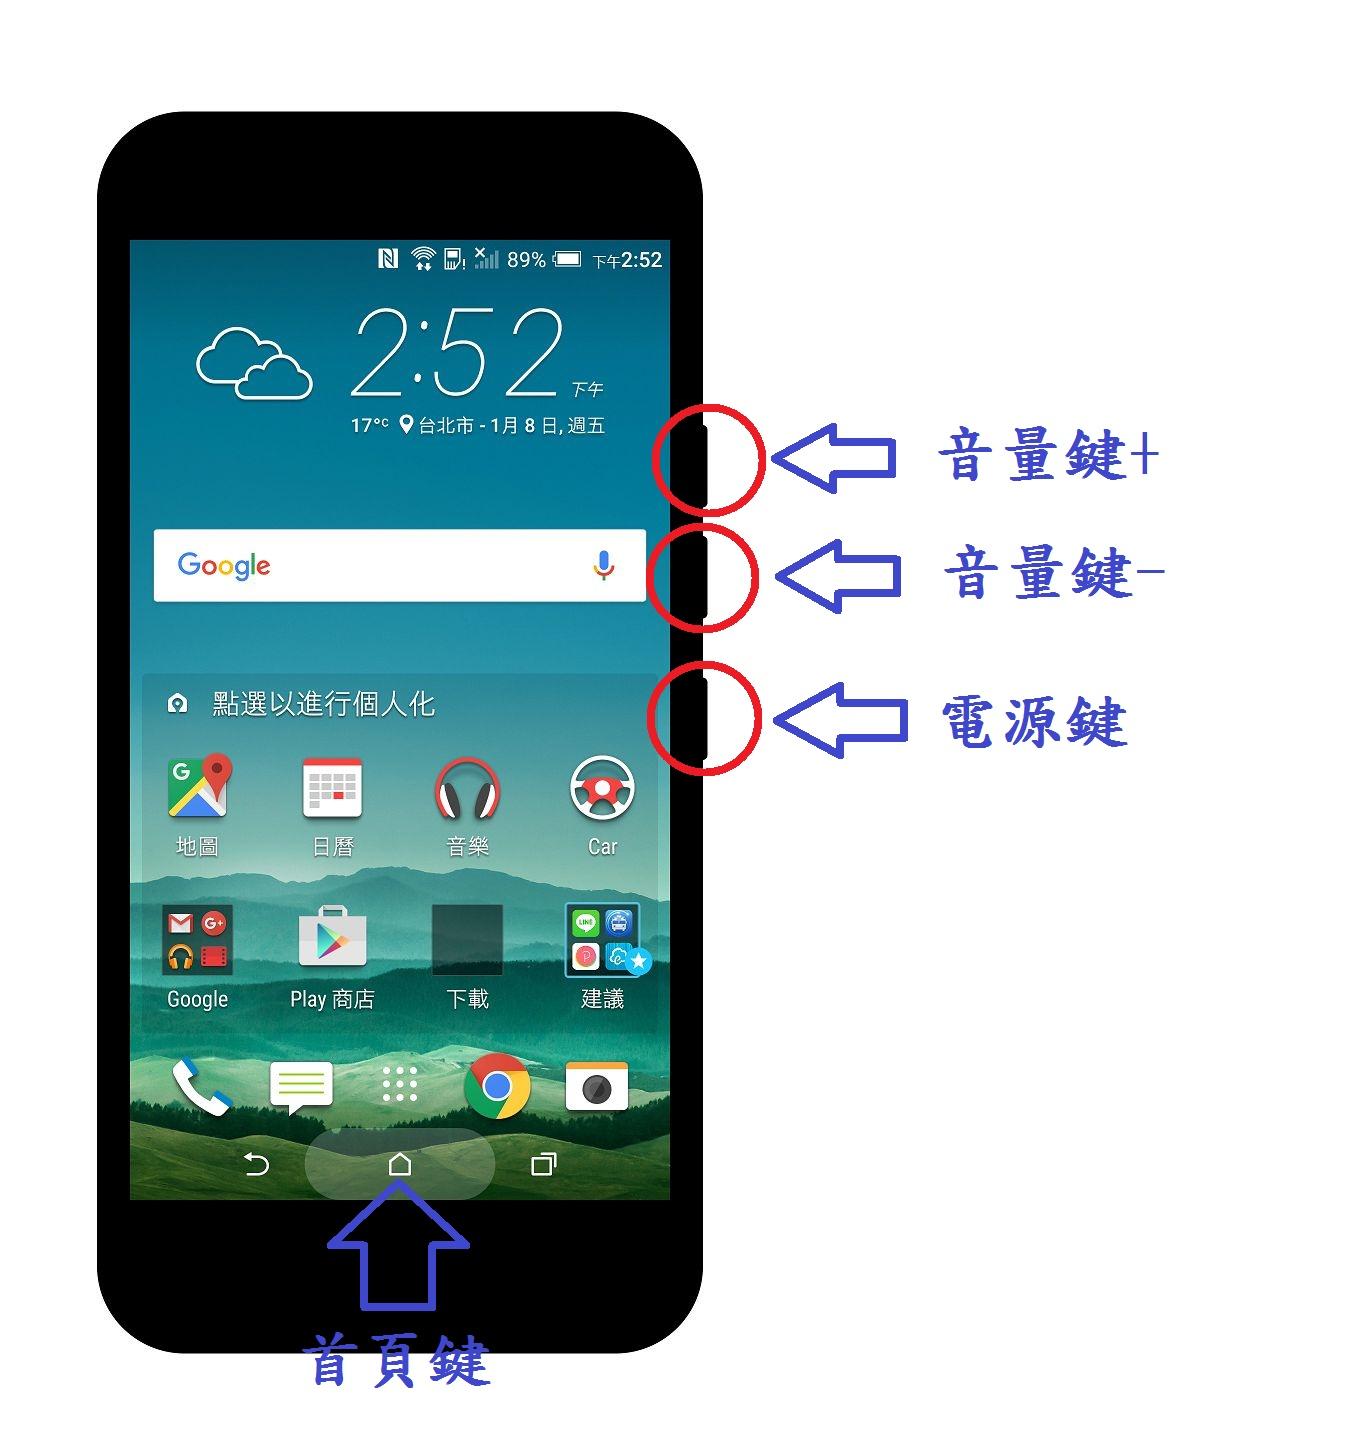 【不專業教學】教你如何用手機截圖 - HTC論壇